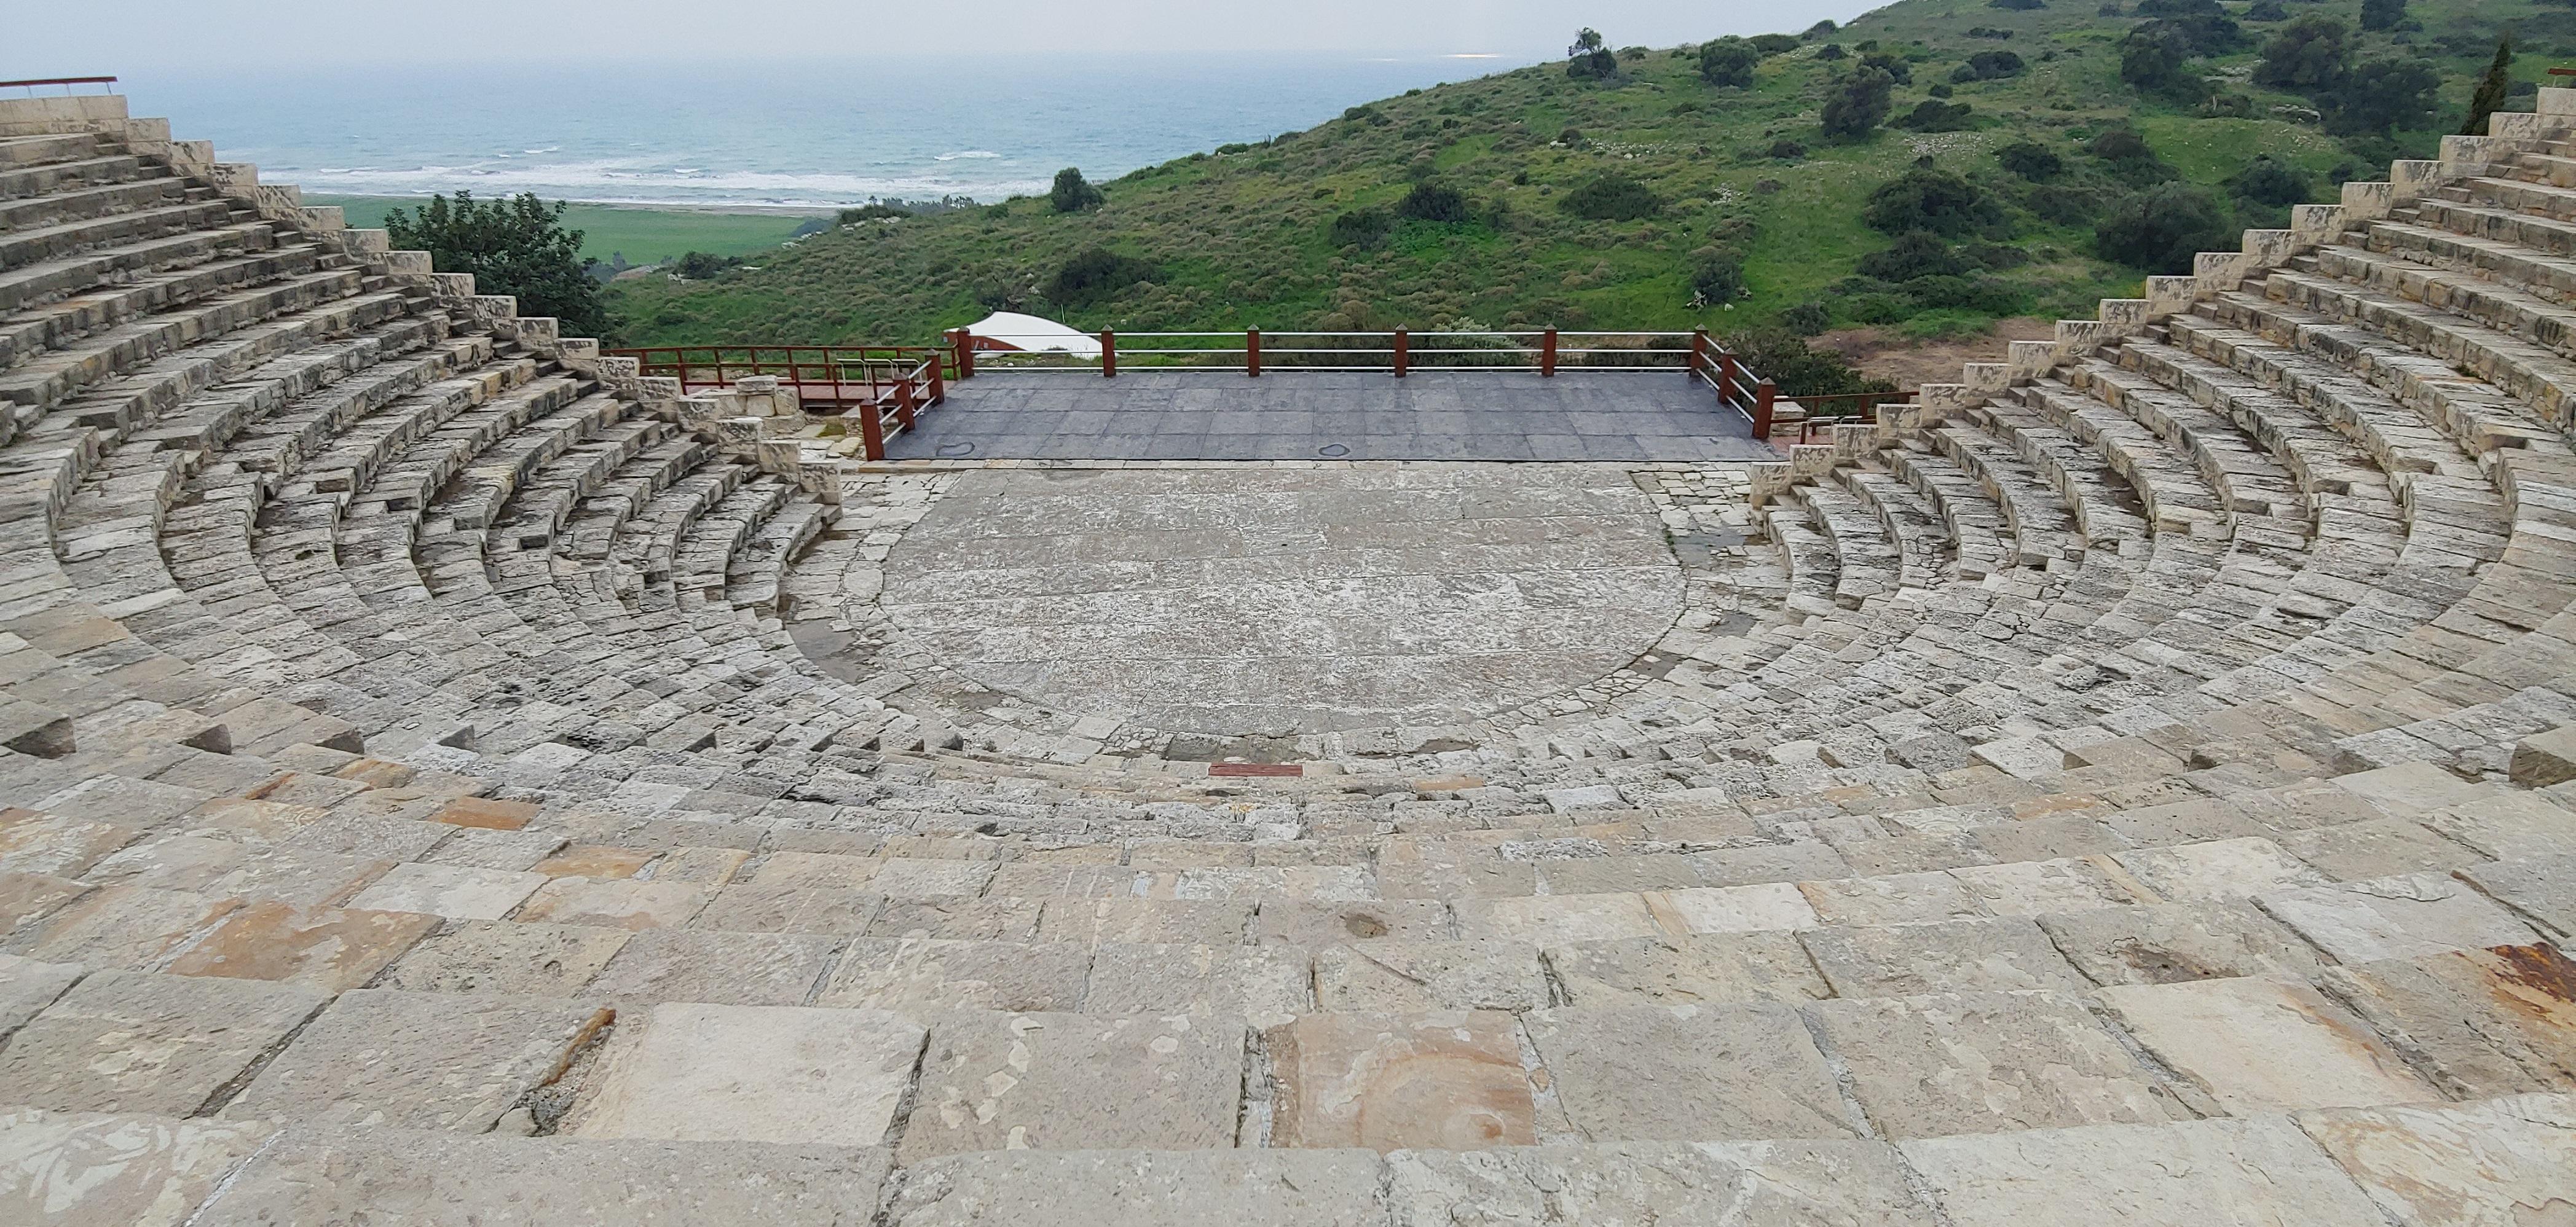 amphi theatre Kourion